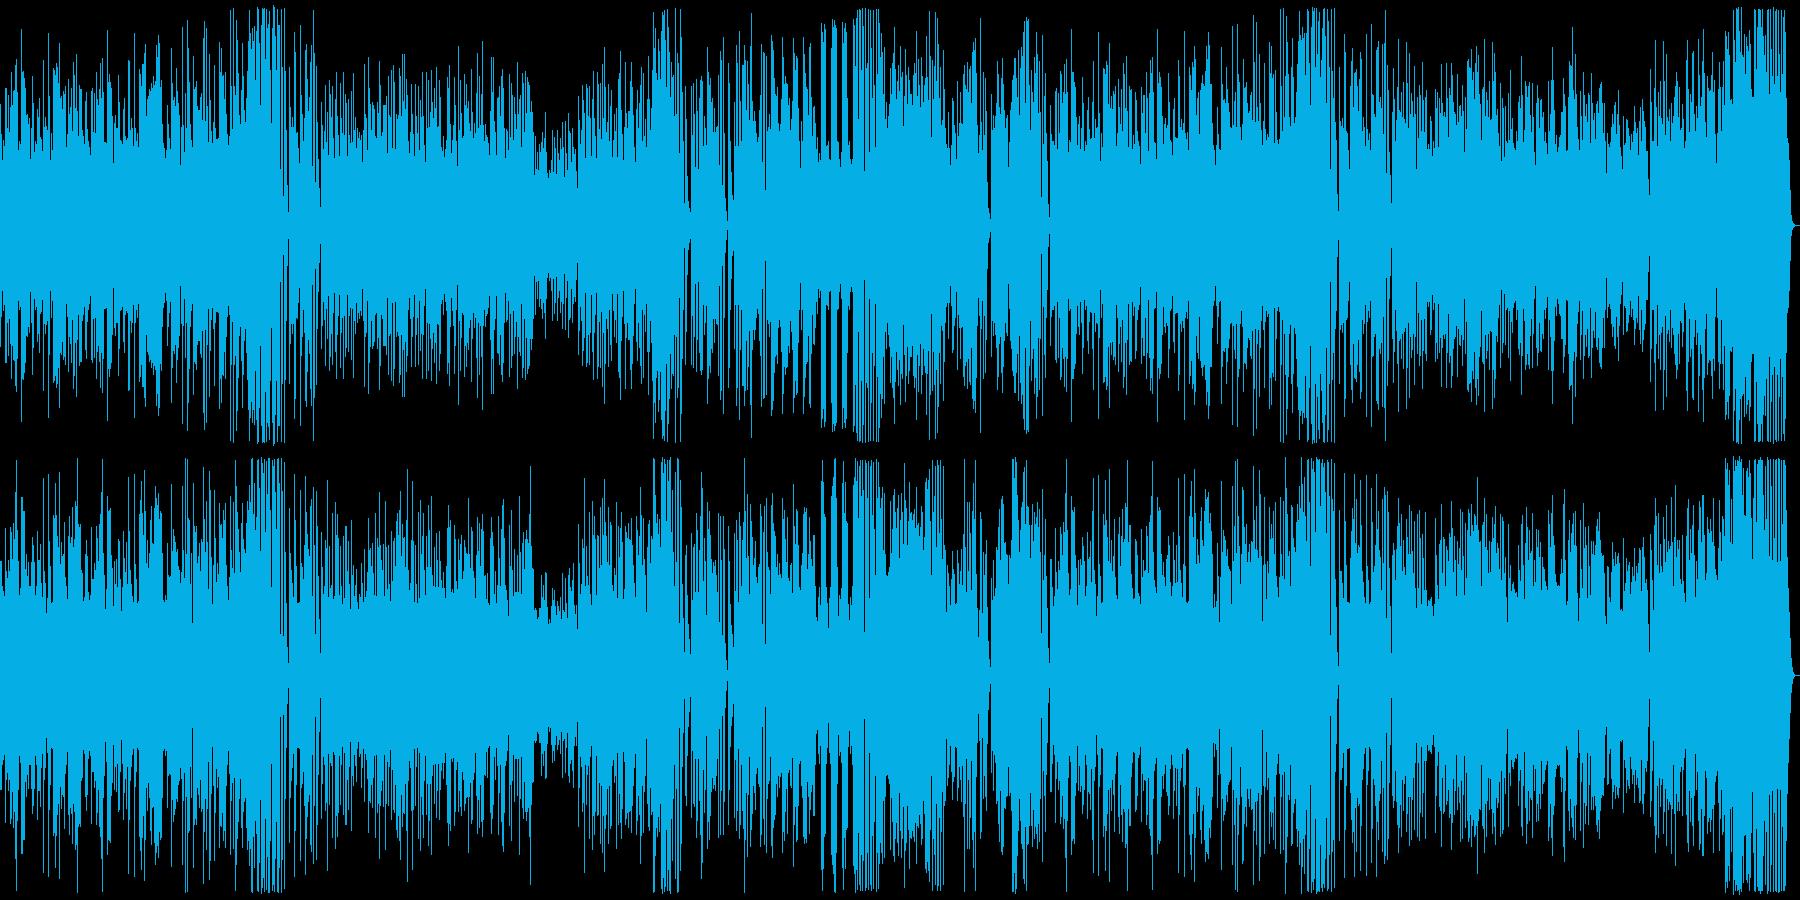 18世紀古典派音楽の様式のピアノソナタ…の再生済みの波形